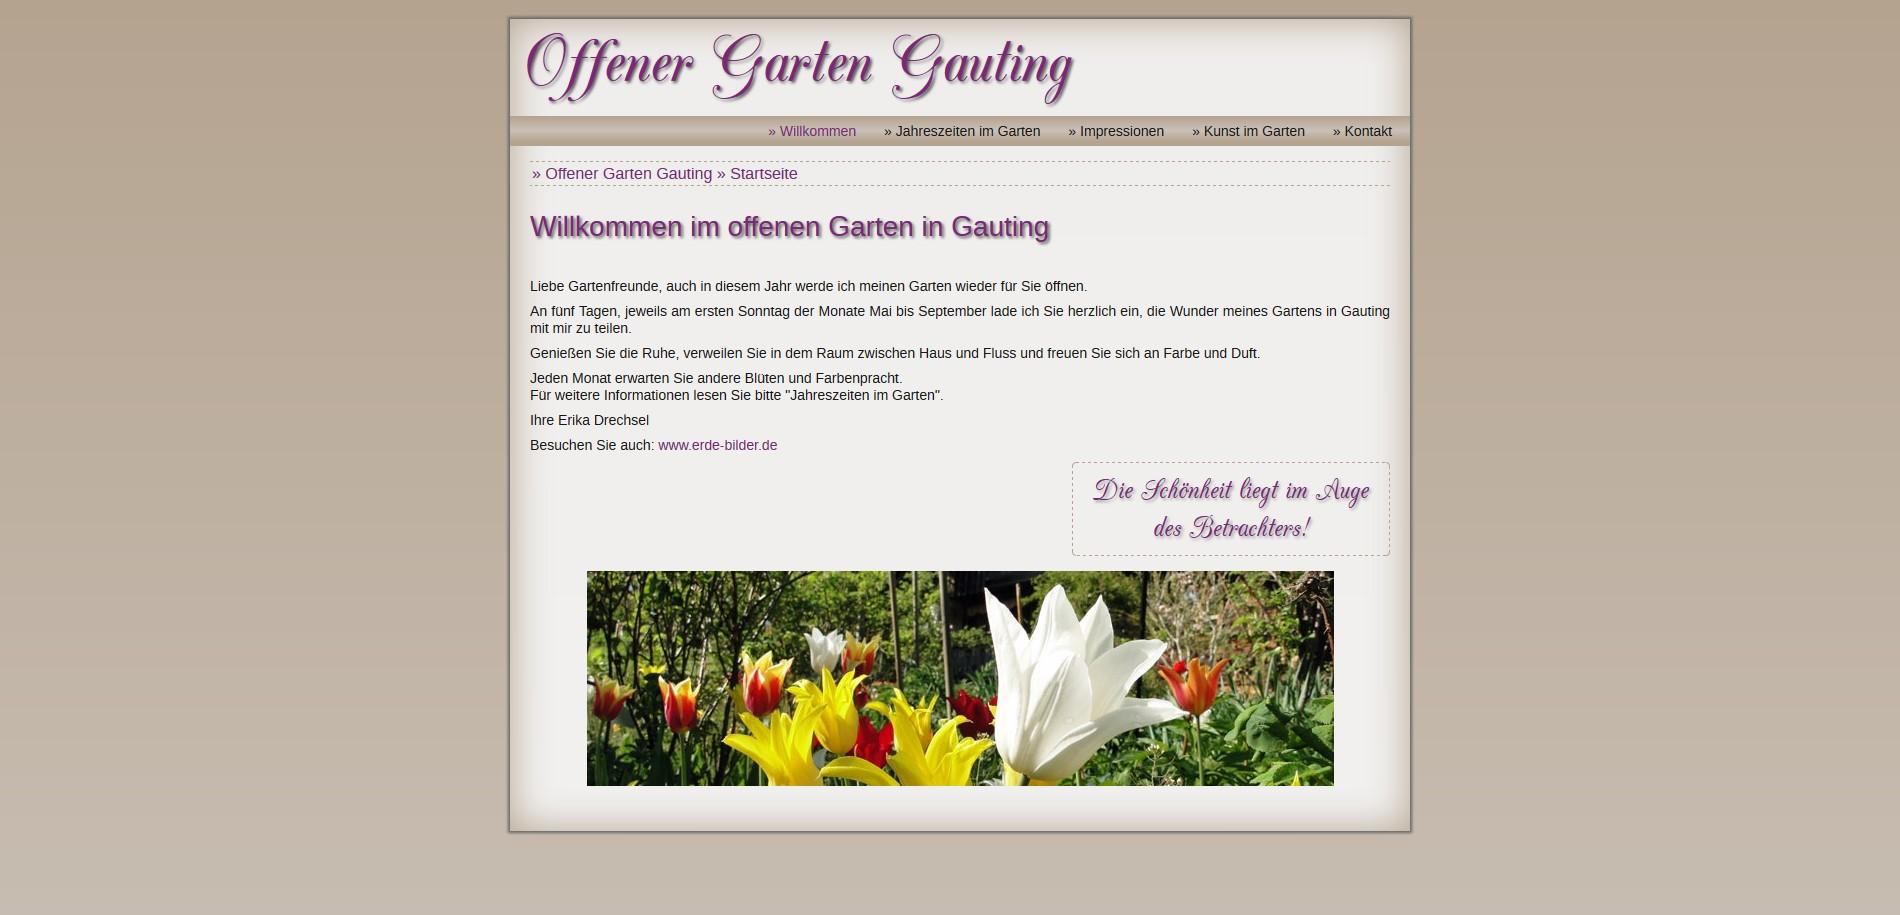 Offener Garten Gauting